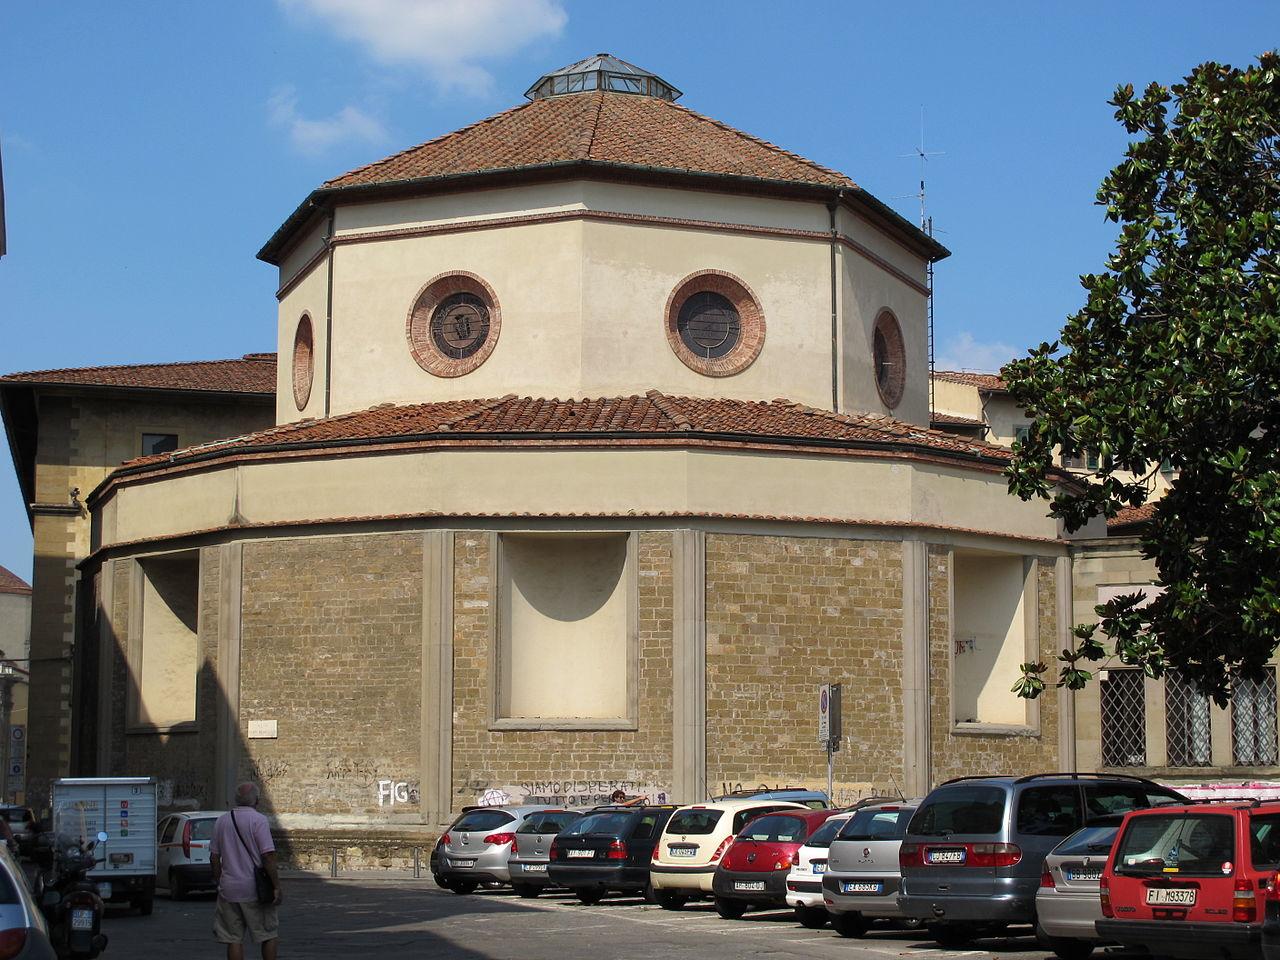 1280px-Rotonda_del_brunelleschi_12.JPG